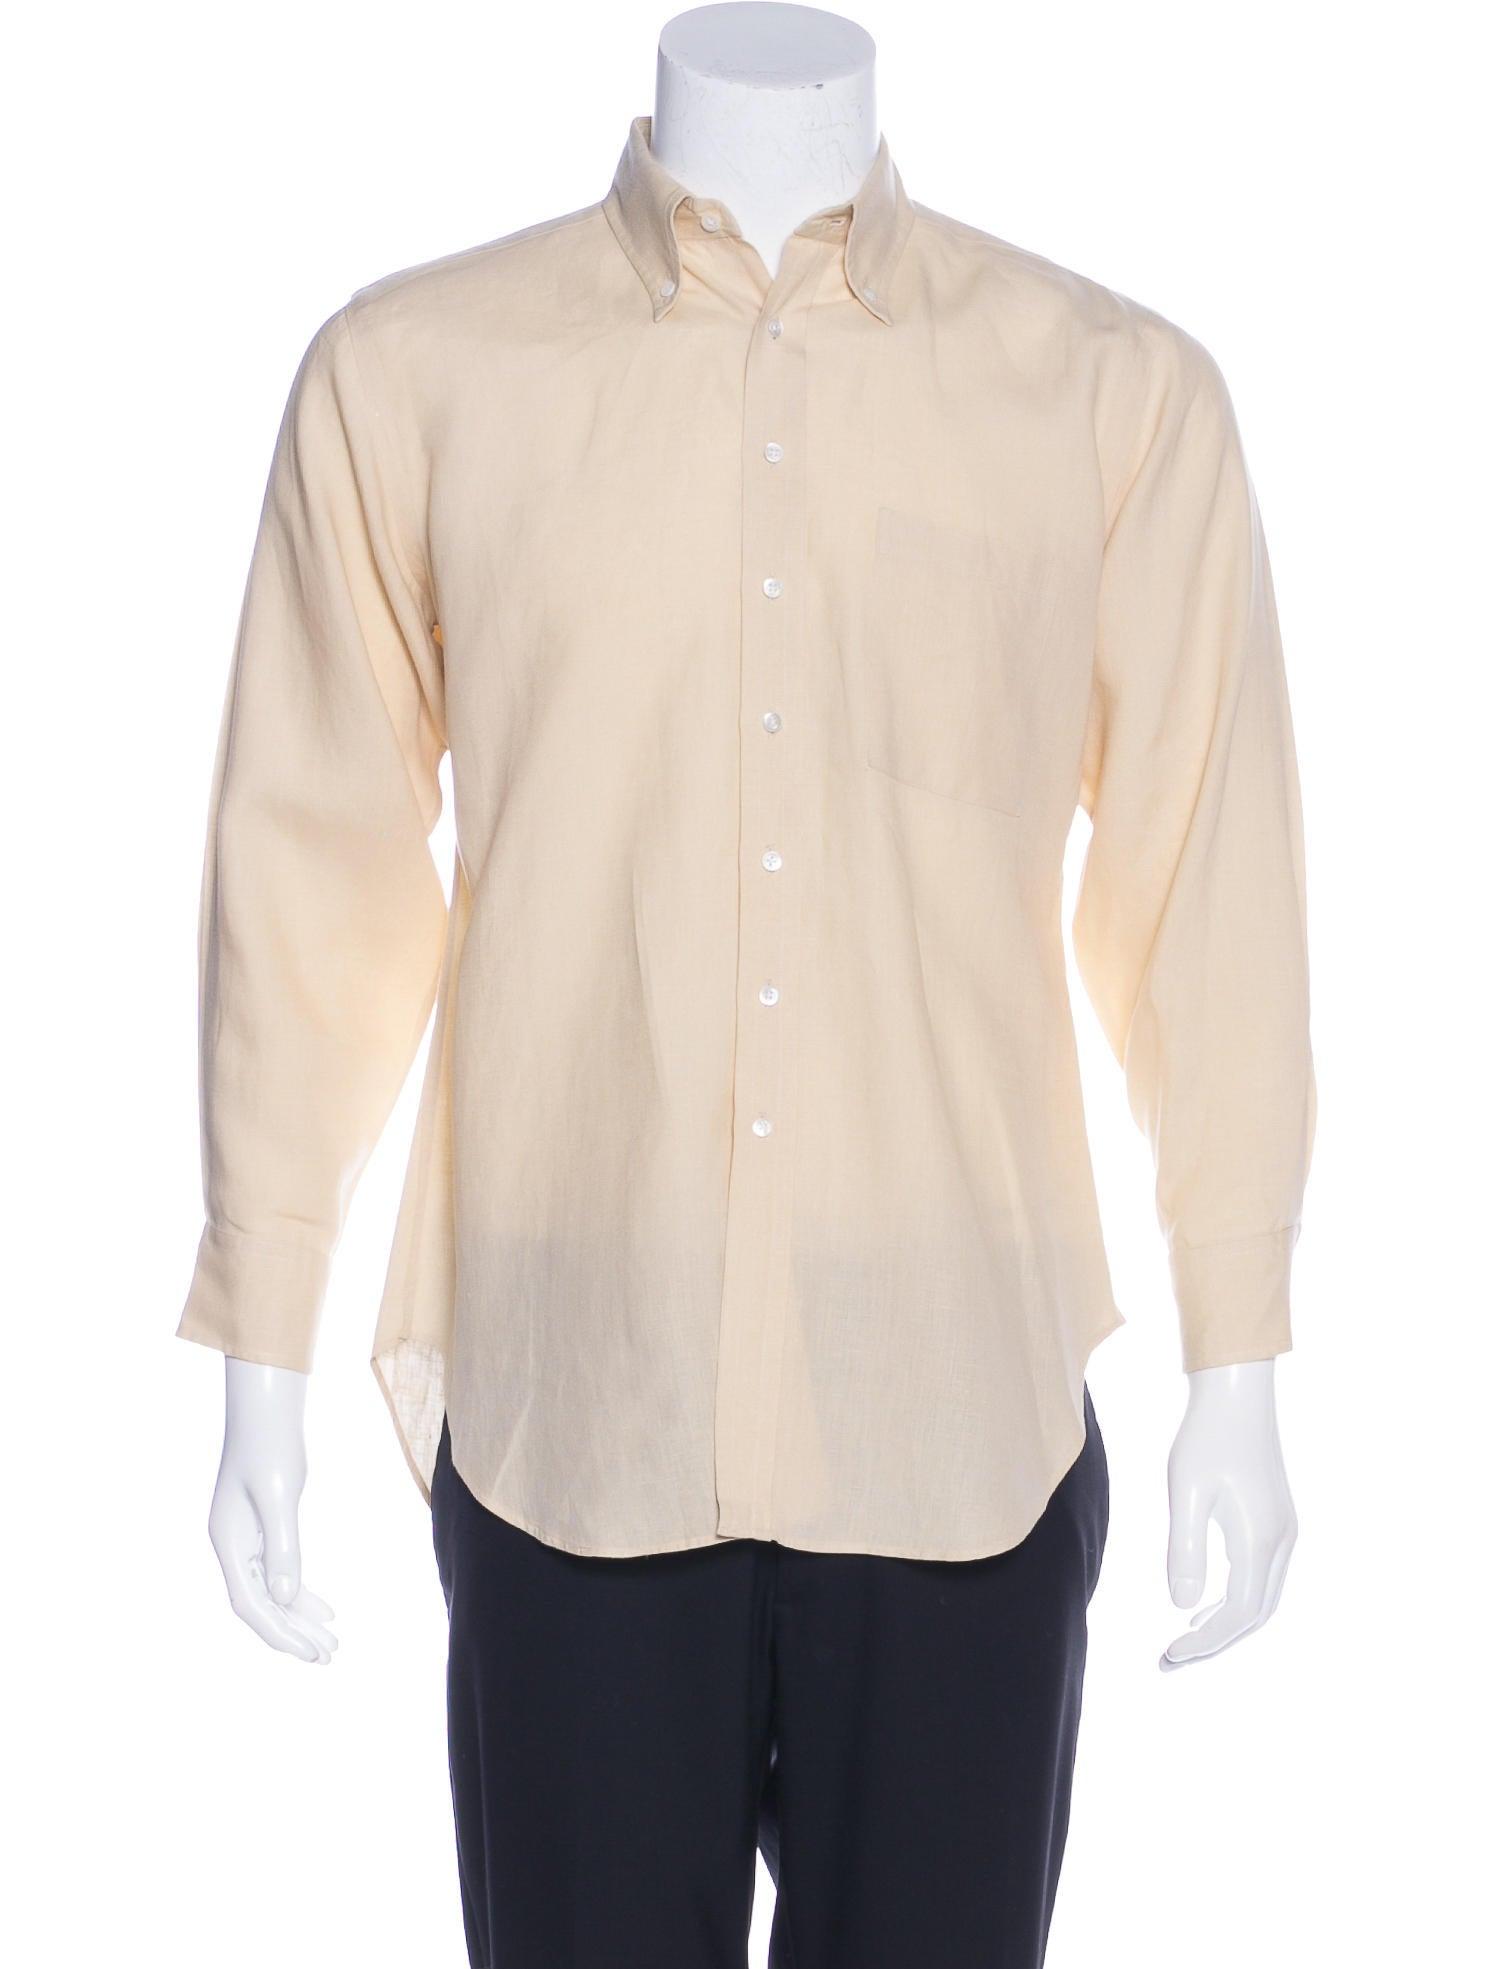 holland holland linen button up shirt clothing